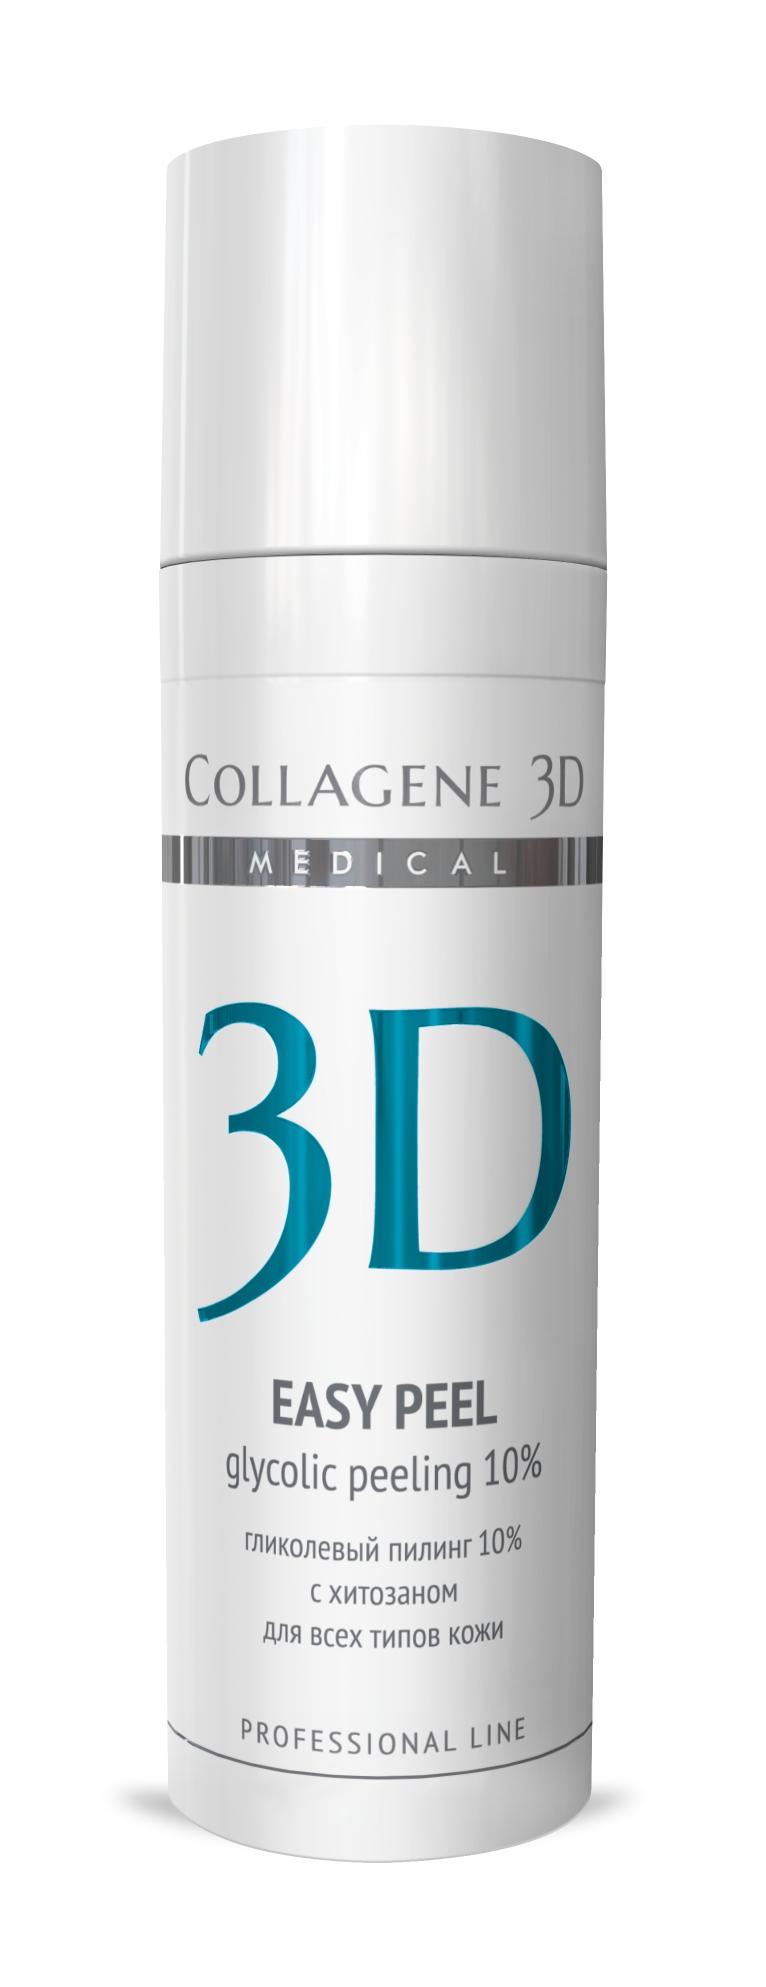 MEDICAL COLLAGENE 3D Гель-пилинг с хитозаном на основе гликолевой кислоты 10% (pH 2,8) Easy Peel 30мл проф.Пилинги<br>Разработан для наилучшей подготовки кожи к проведению коллагеновых процедур. Гликолевая кислота удаляет верхние слои эпидермиса, повышая биодоступность коллагена, стимулирует синтез собственного коллагена кожи, уменьшает складки и морщинки, постепенно обесцвечивает участки гиперпигментации. Хитозан стимулирует заживление, обеспечивает естественное увлажнение, оказывает антибактериальное действие. Активные ингредиенты: гликолевая кислота 10%, хитозан. Способ применения: нанести кистью на сухую предварительно очищенную кожу лица, шеи и область декольте. Длительность процедуры 5-7 минут до появления гиперемии (легкого покраснения). Затем тщательно смыть прохладной водой и просушить кожу. Может применяться в качестве подготовительного средства для процедуры поверхностных и срединных пилингов с более высокой концентрацией. Пилинг не требует нейтрализации.<br><br>Тип: Гель-пилинг<br>Объем: 30